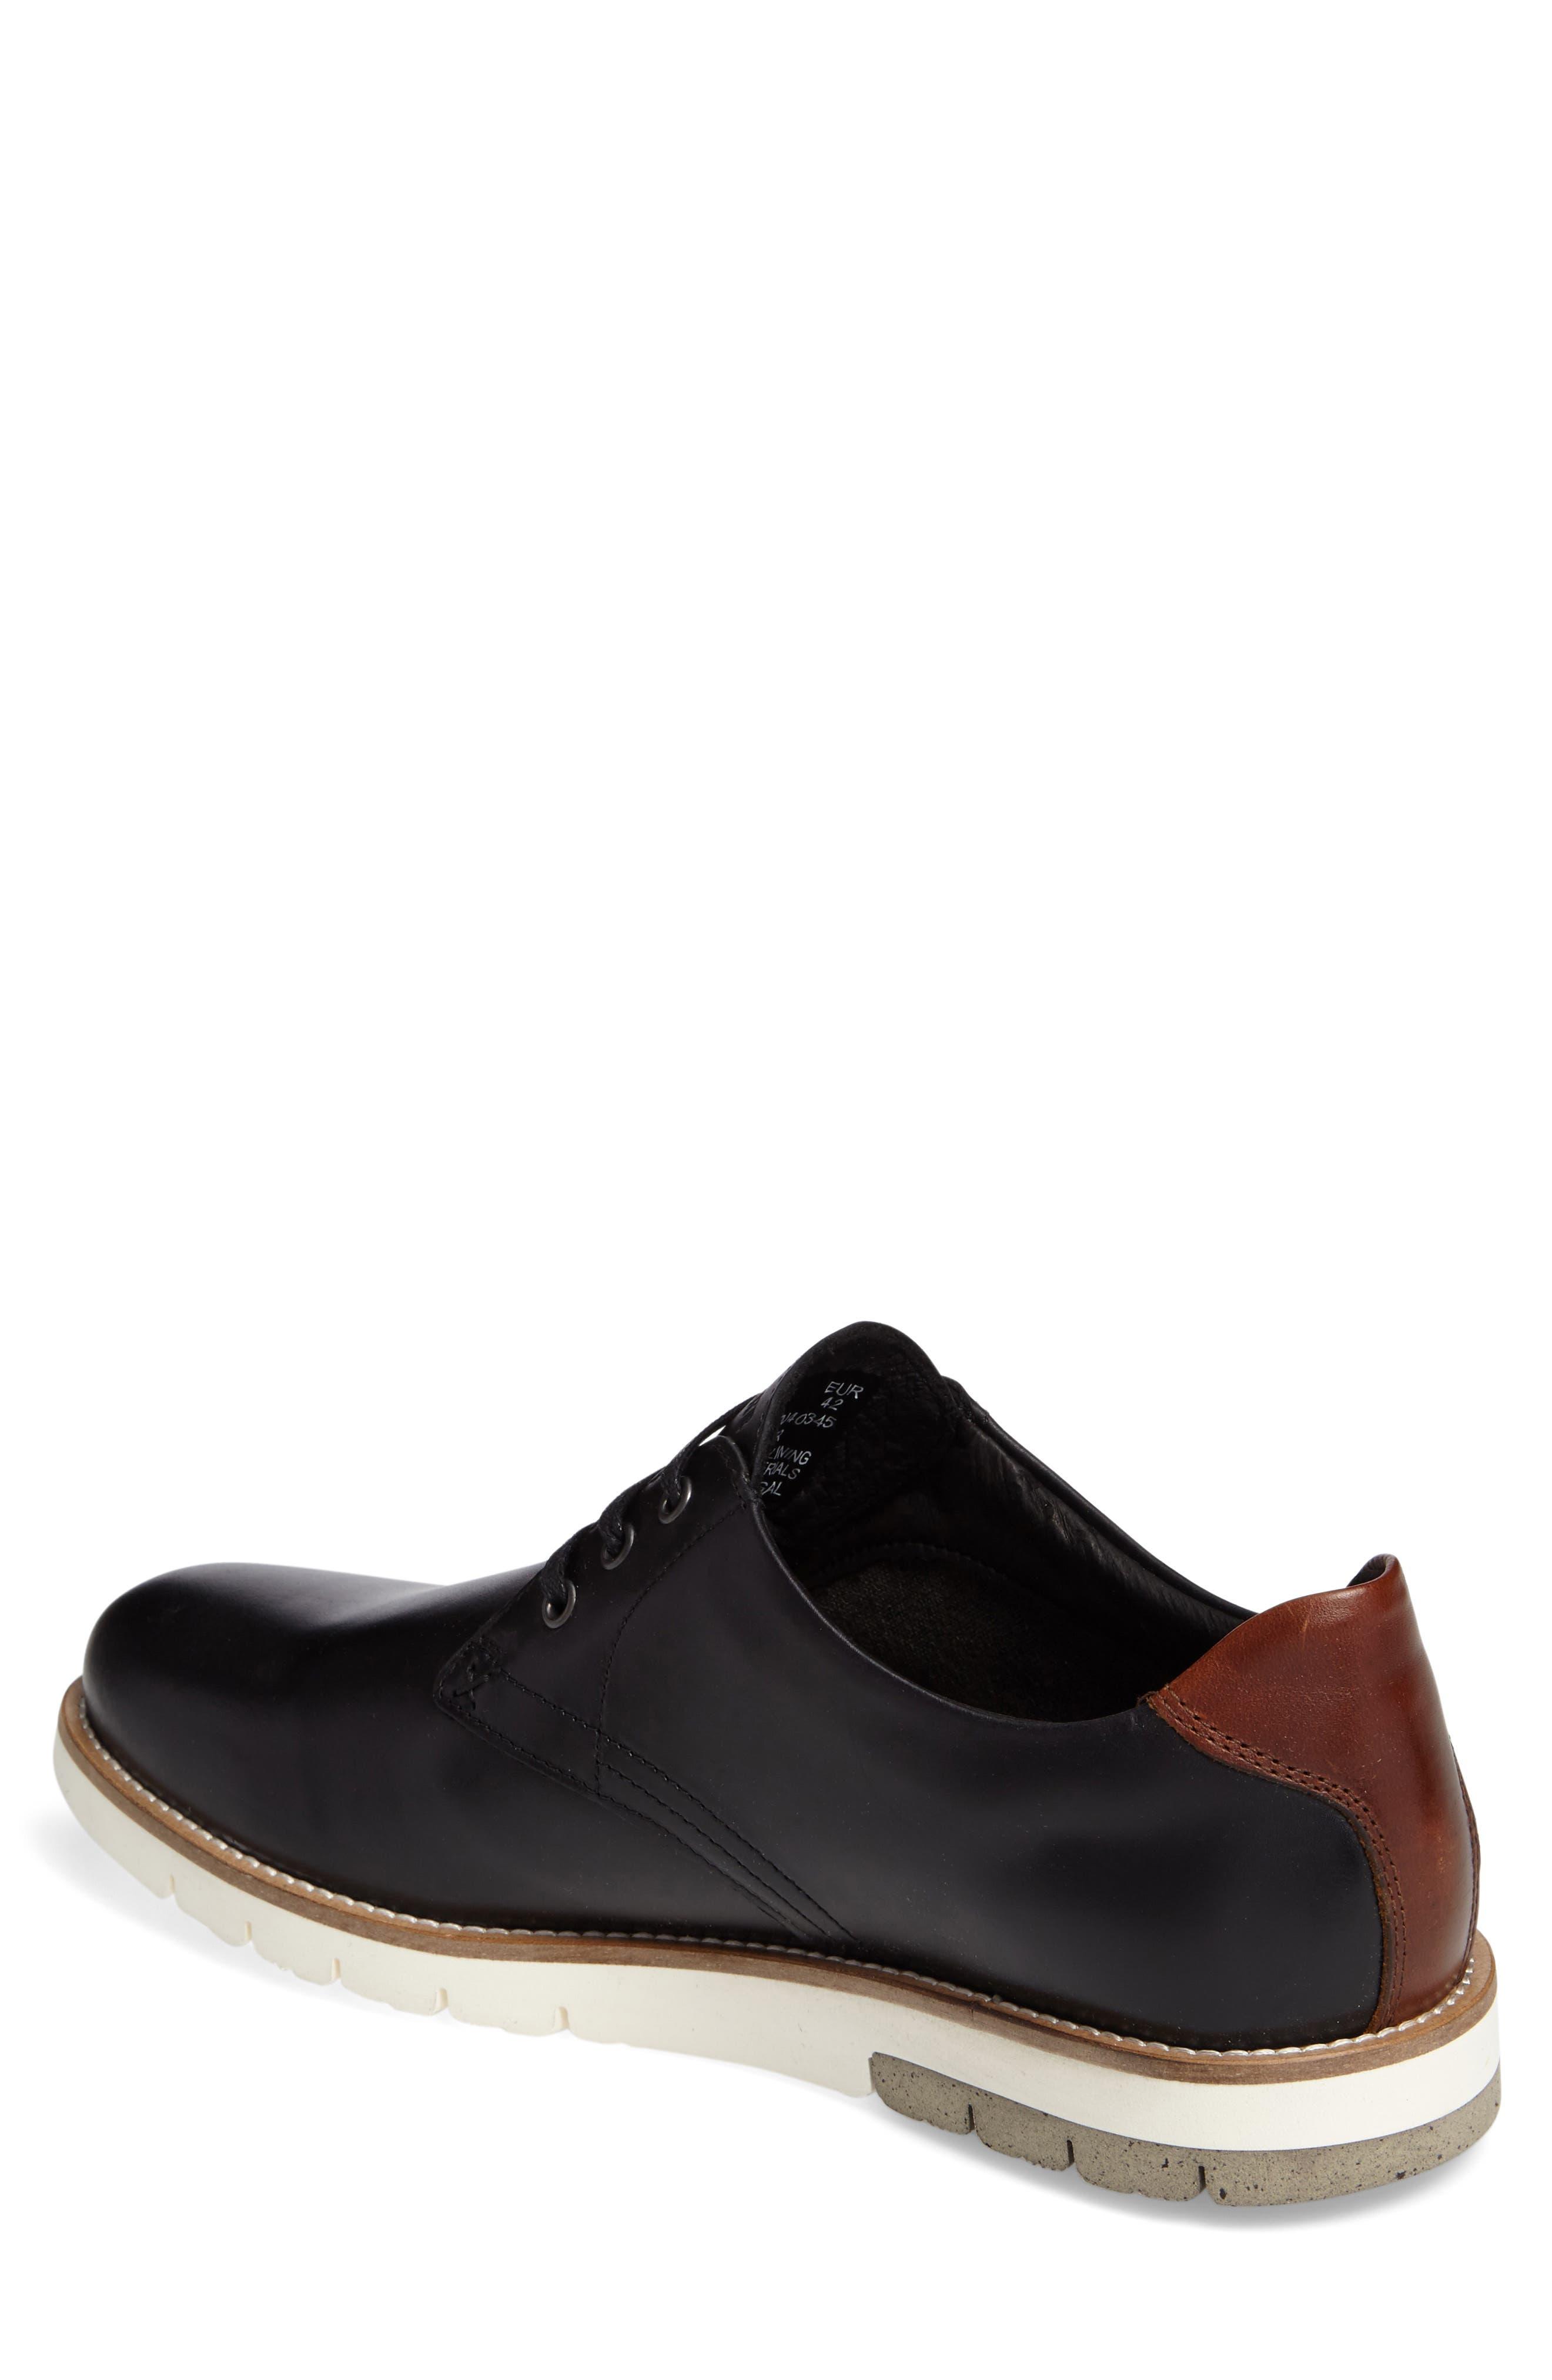 Reuben Plain Toe Derby,                             Alternate thumbnail 2, color,                             001